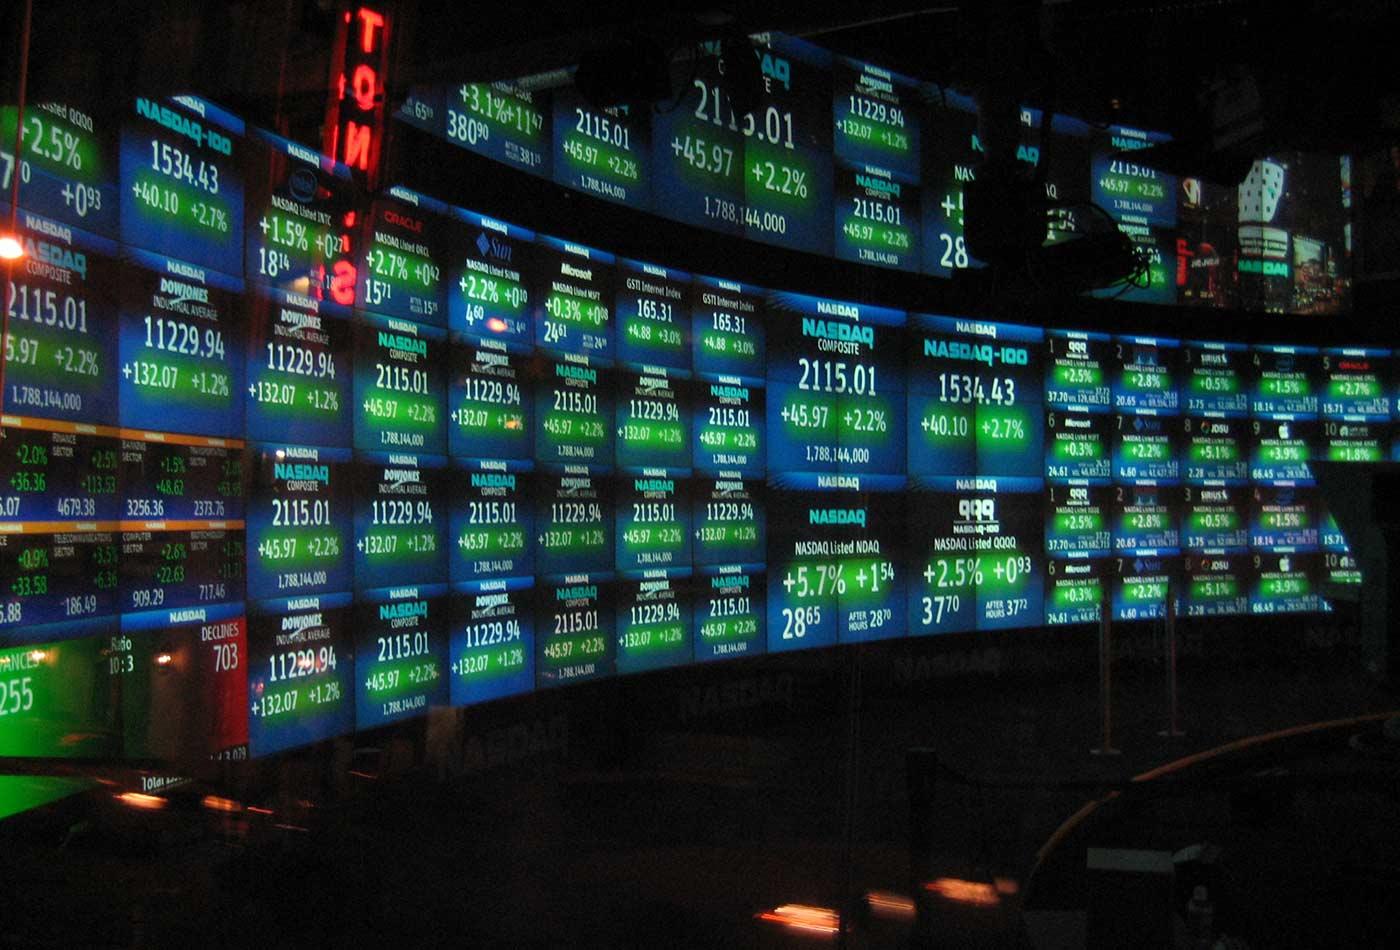 Times Square - NASDAQ